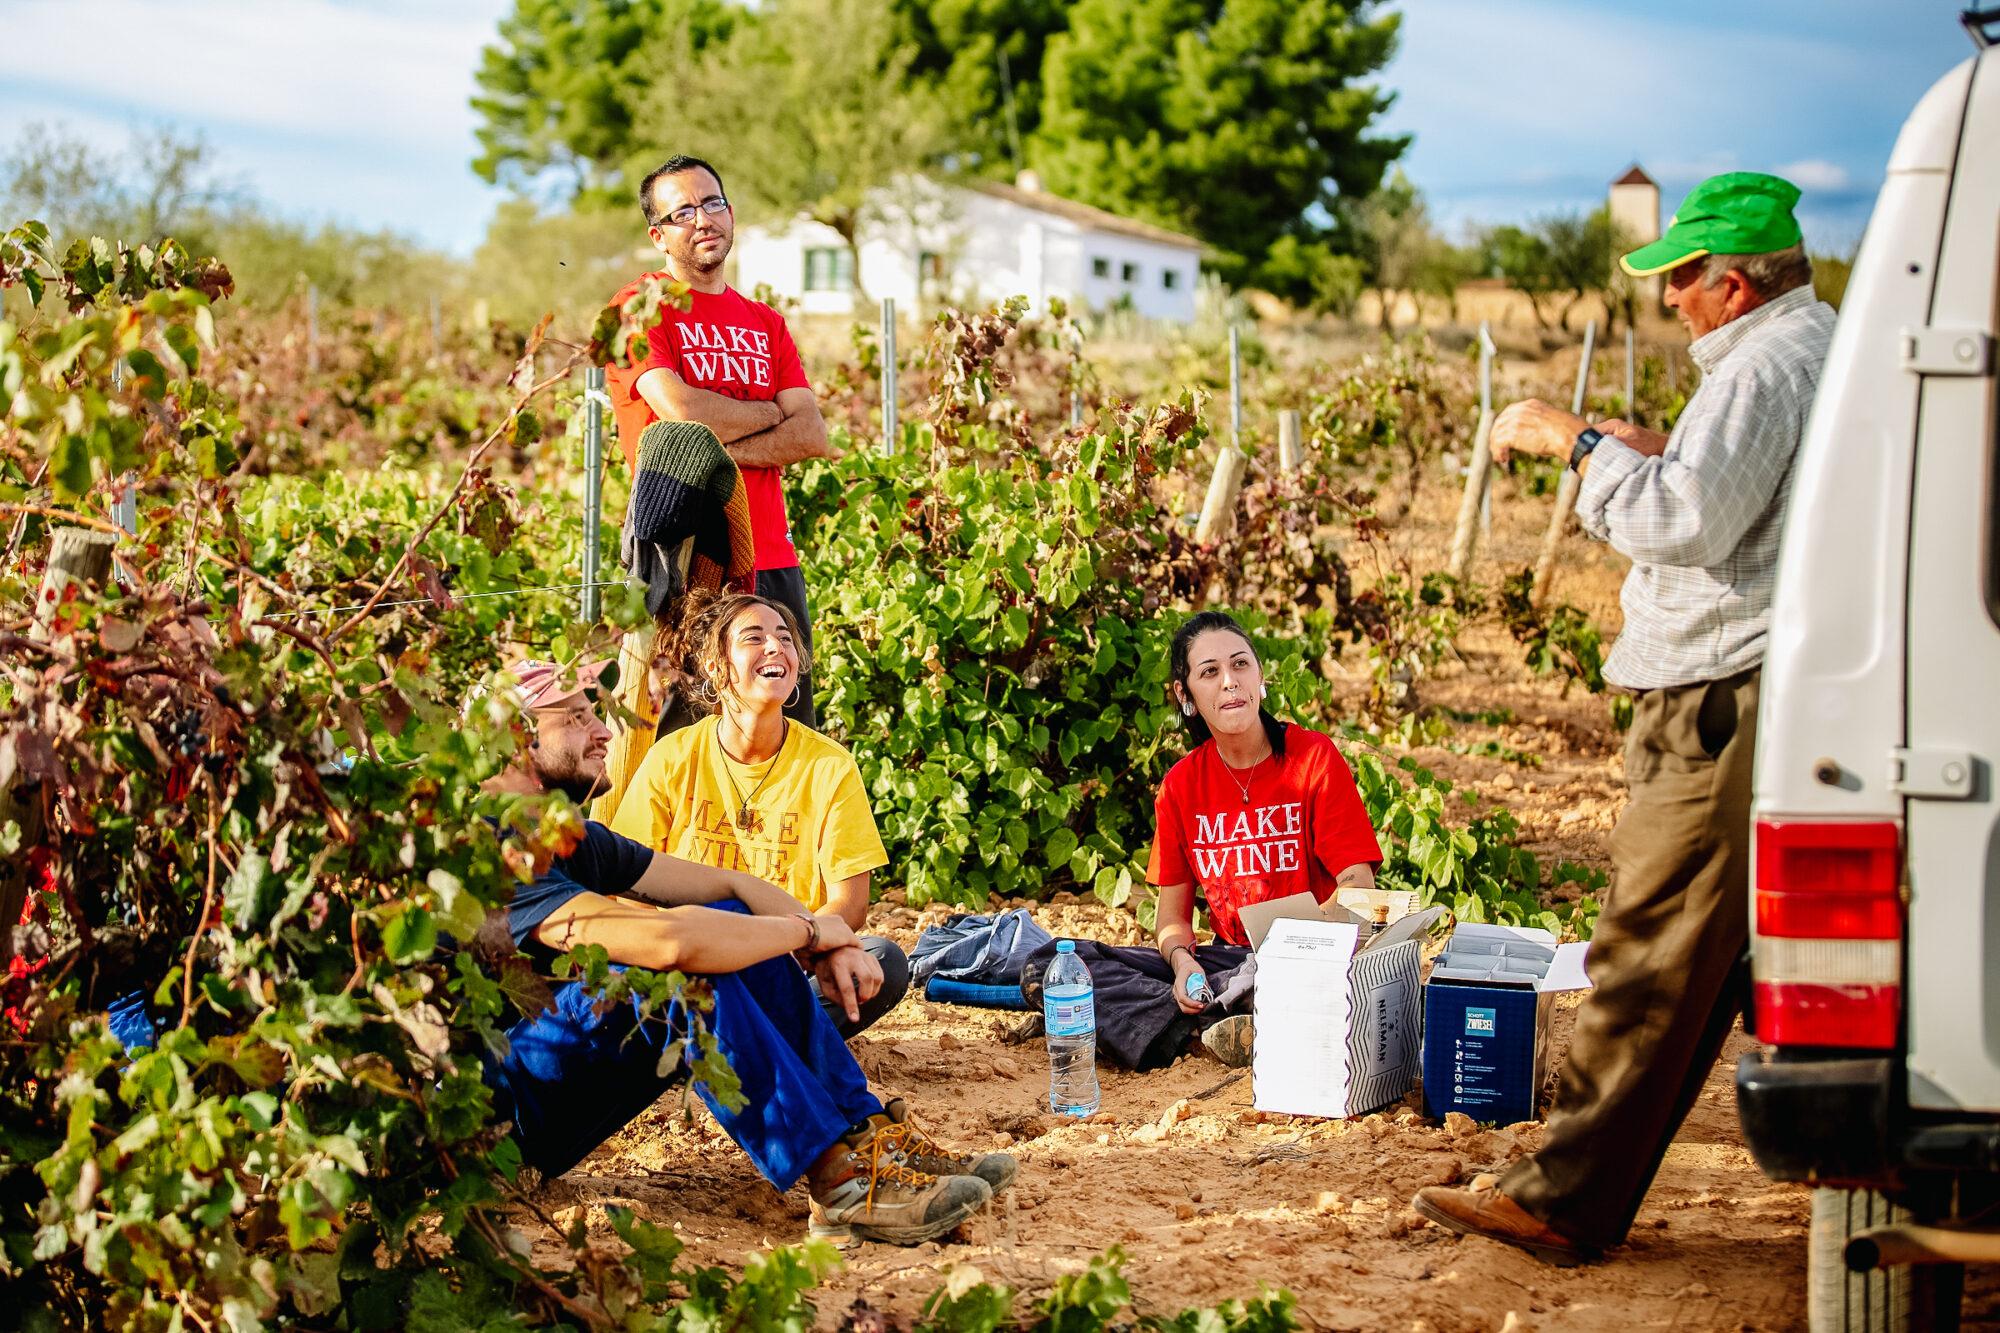 Zutphenaar Derrick Neleman: 'Goede wijn om de wereld een beetje mooier te maken'